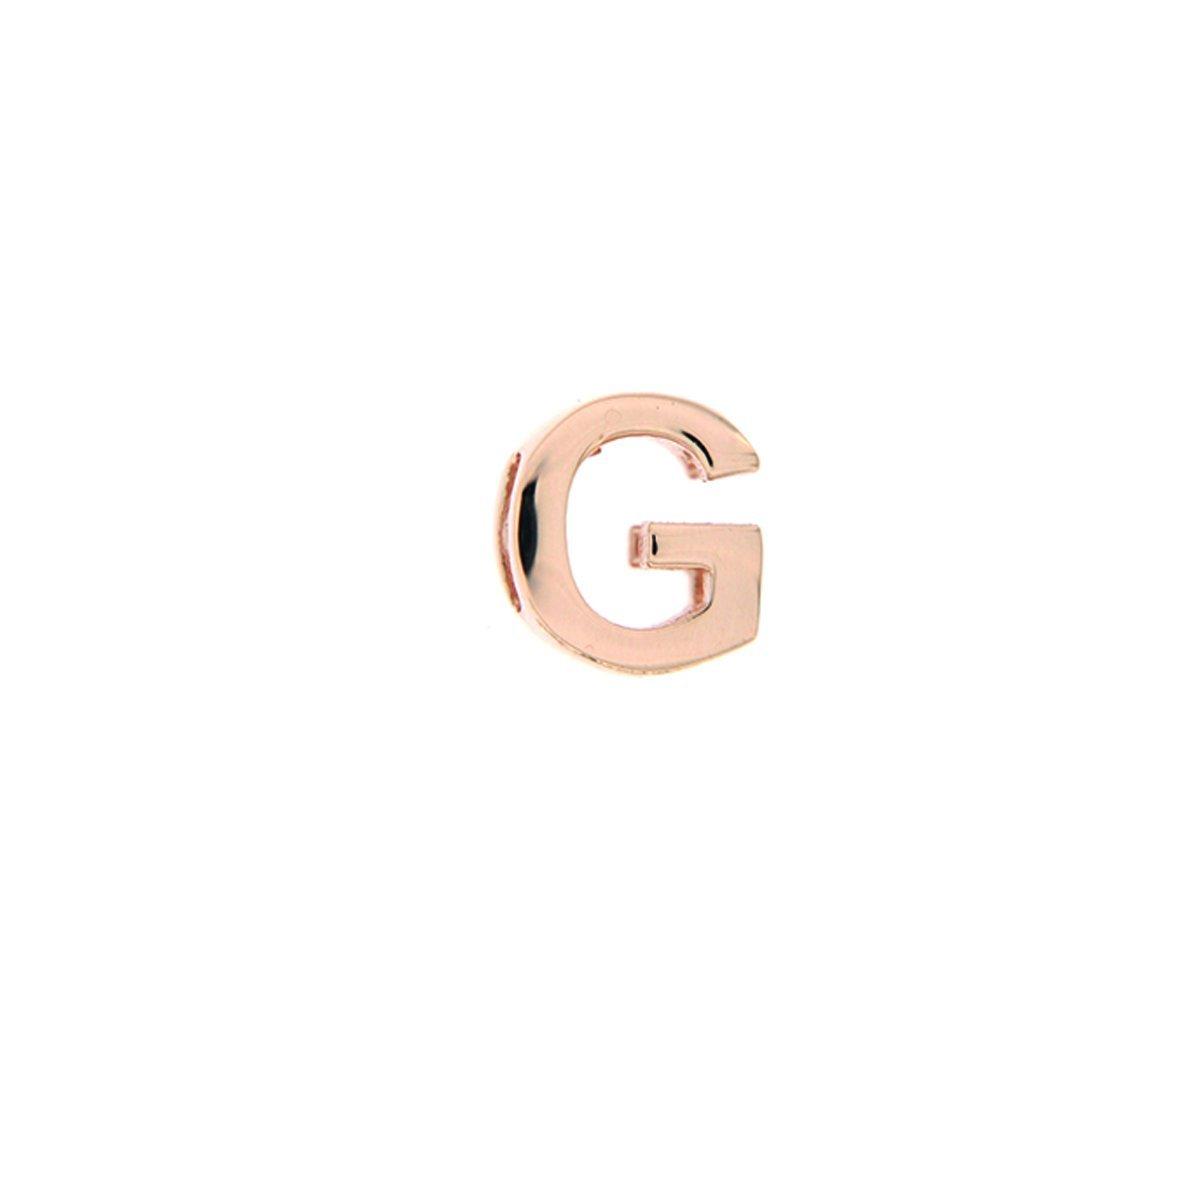 CAROUSEL ATTIMO - G